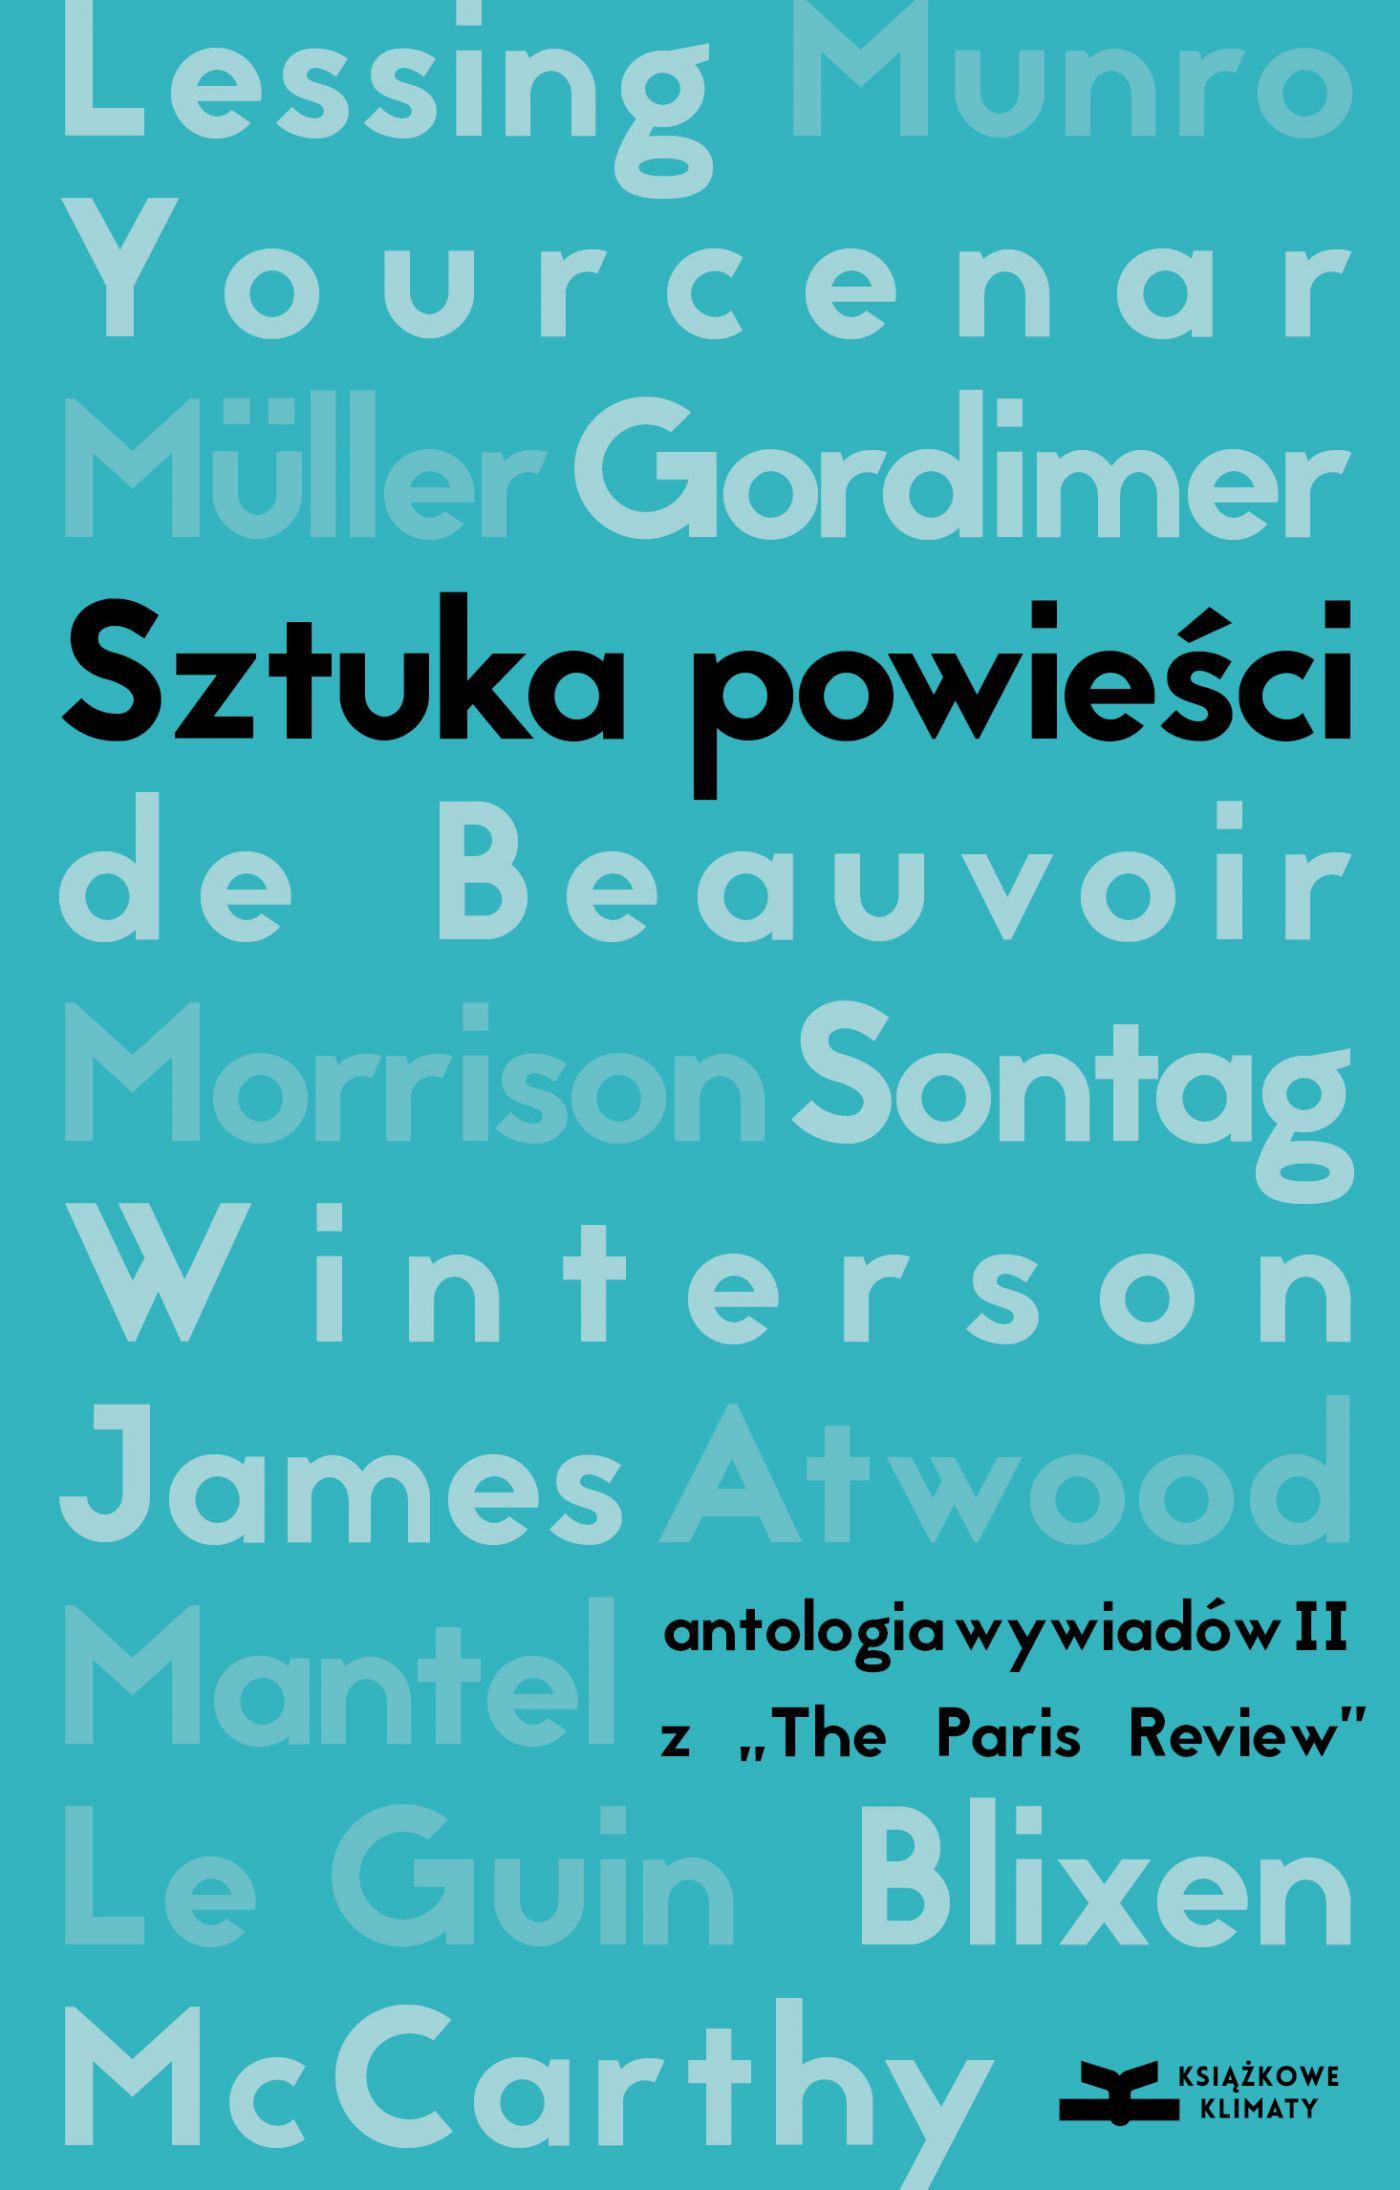 Sztuka powieści 2. Wywiady z pisarkami - Ebook (Książka na Kindle) do pobrania w formacie MOBI